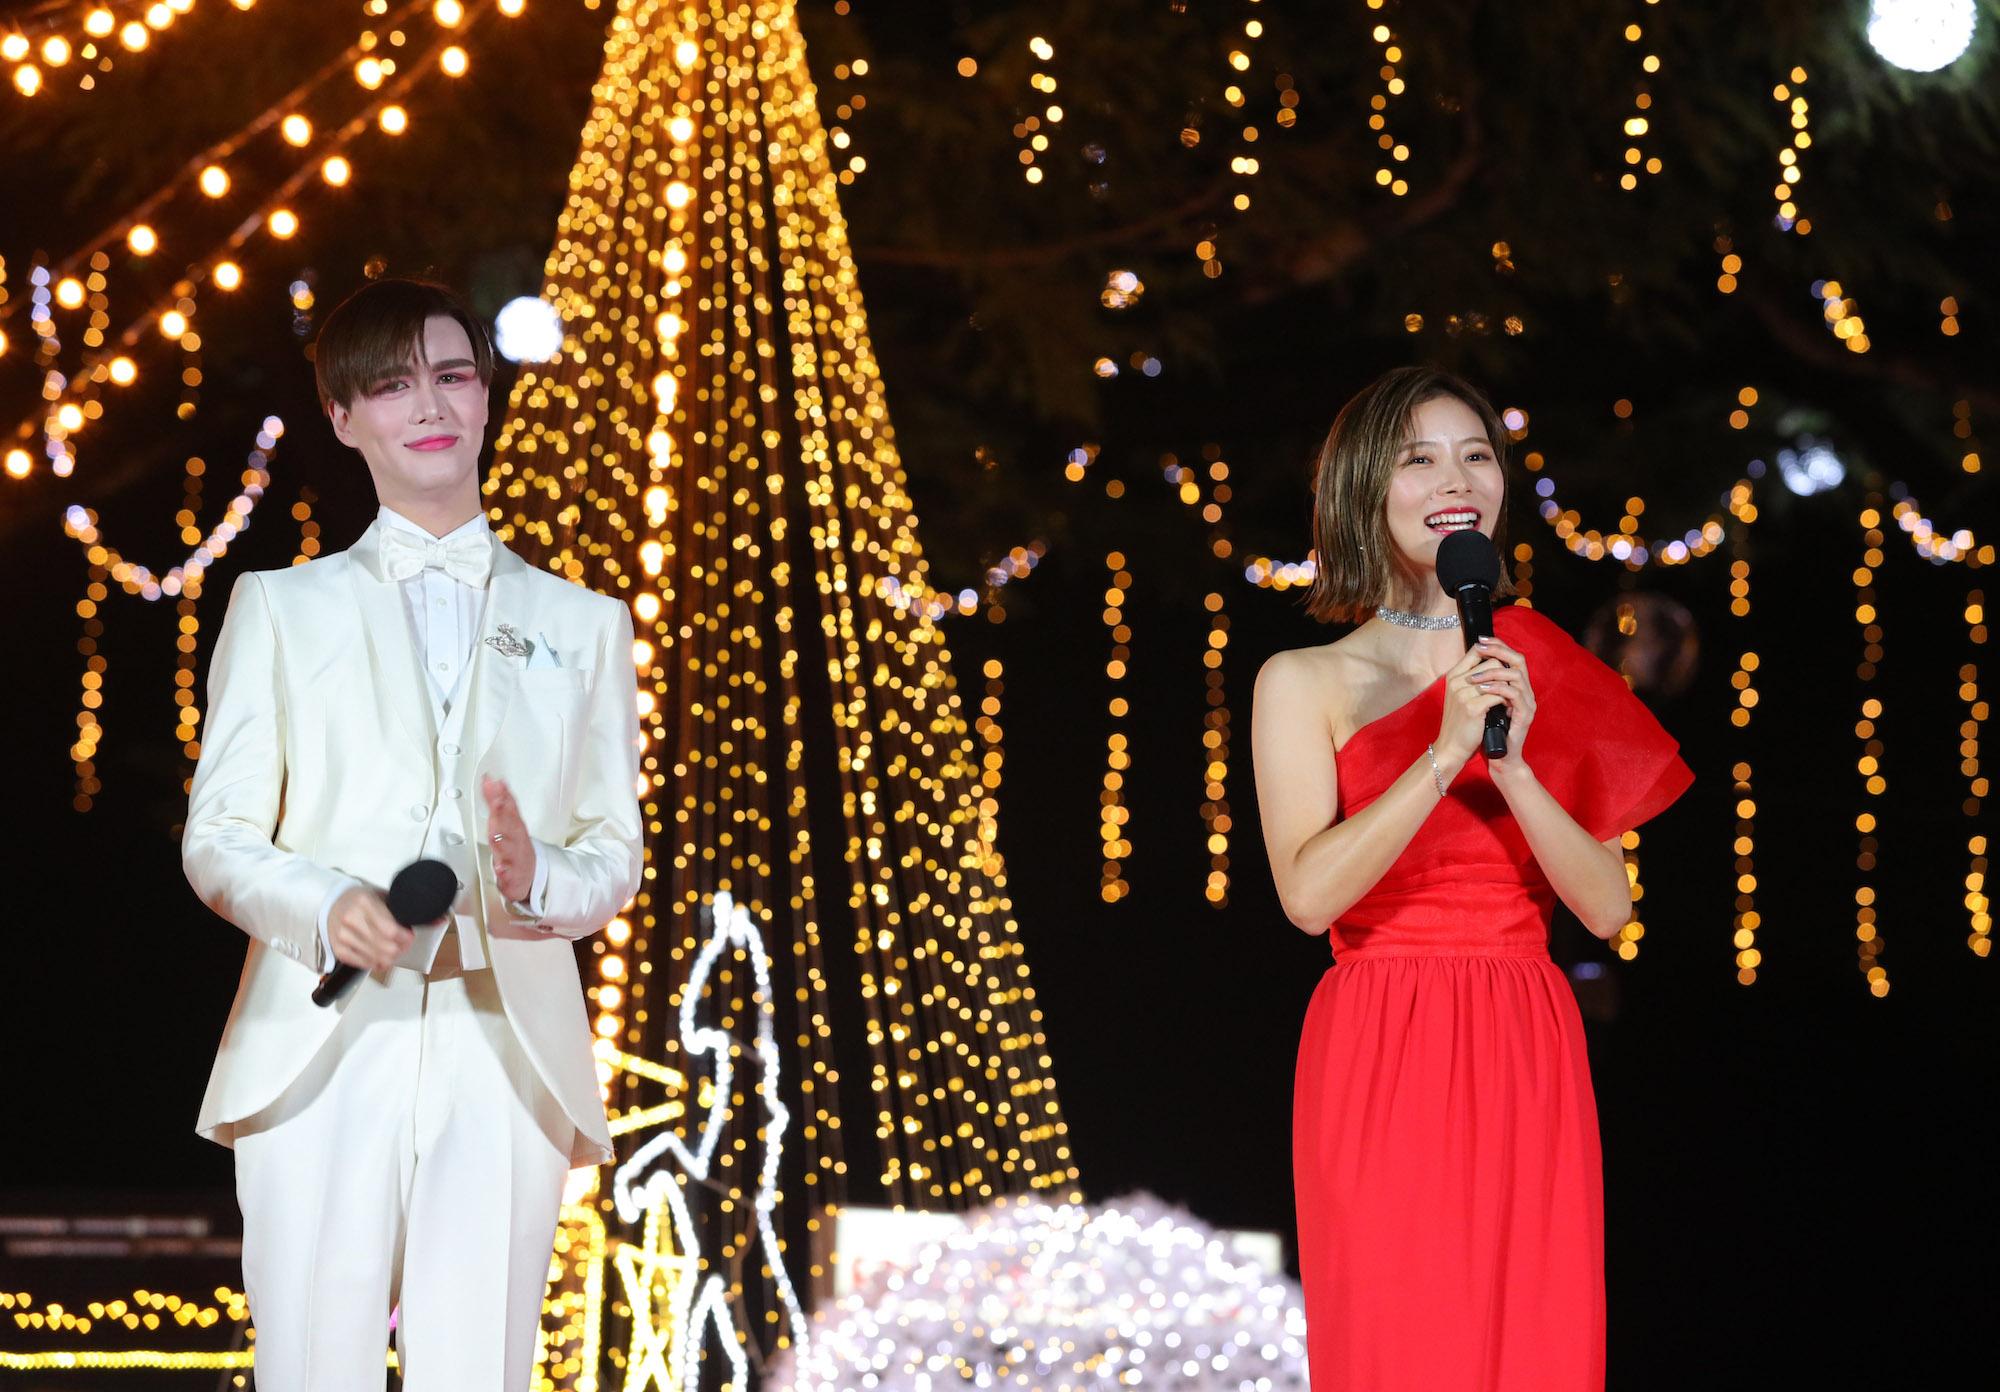 朝日奈央とMatt/2019年11月24日、中山競馬場クリスマスイルミネーション点灯式にて